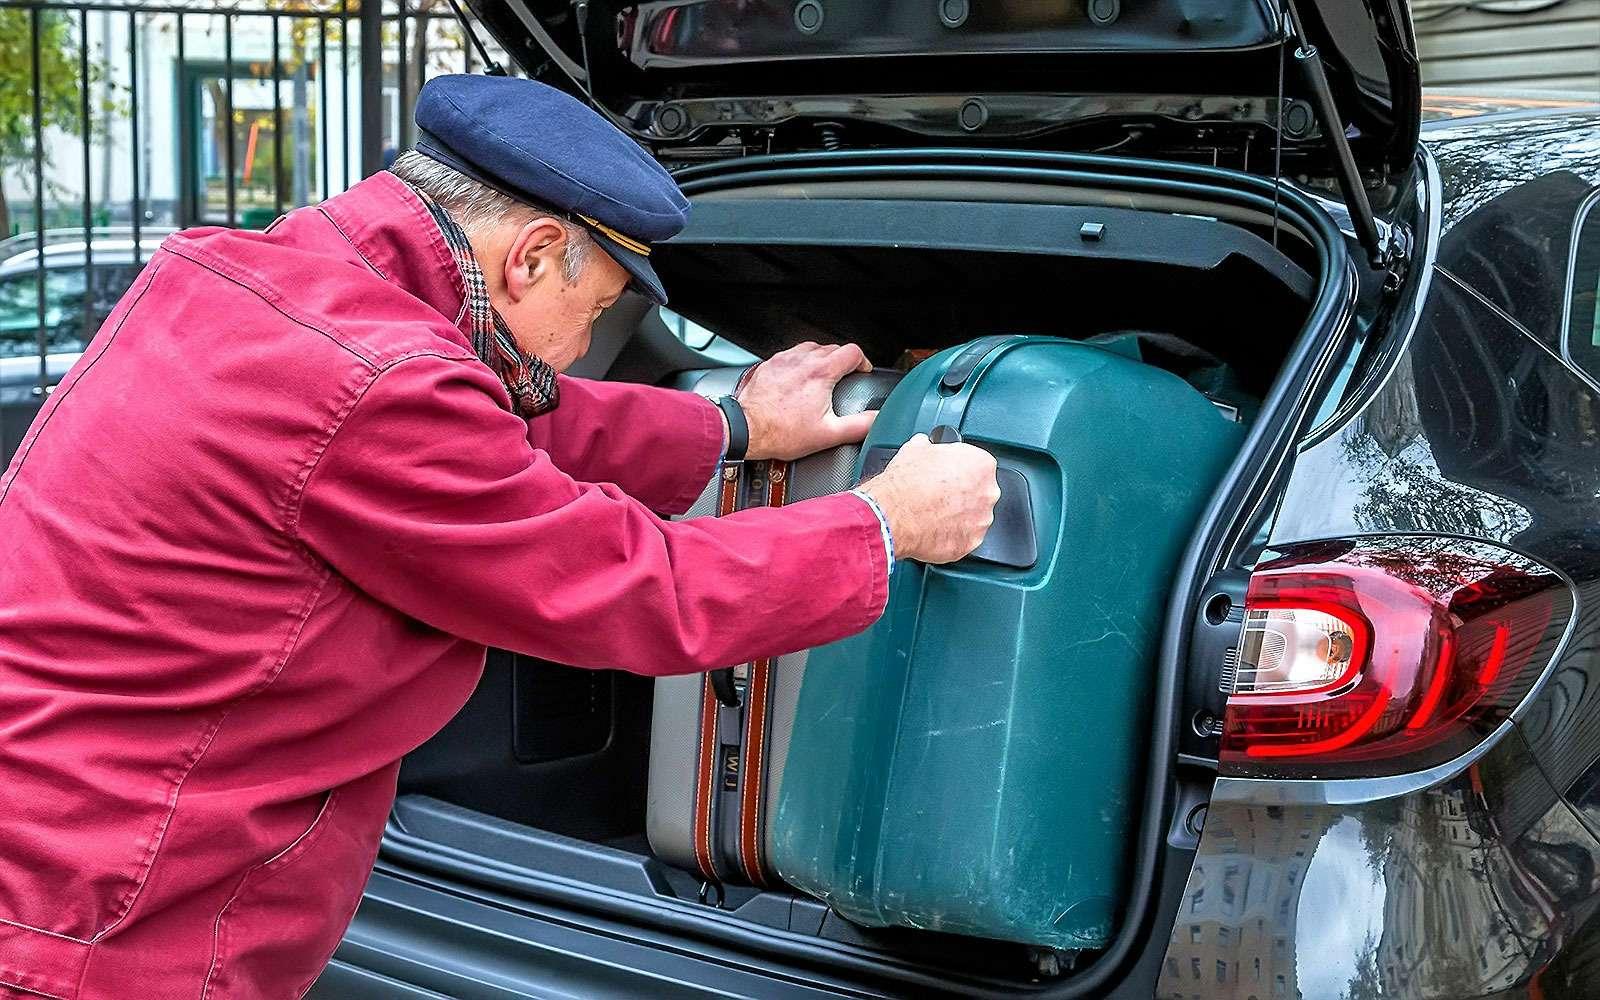 Смартфон, зонт ипрочие орудия убийства ввашем автомобиле— фото 775270